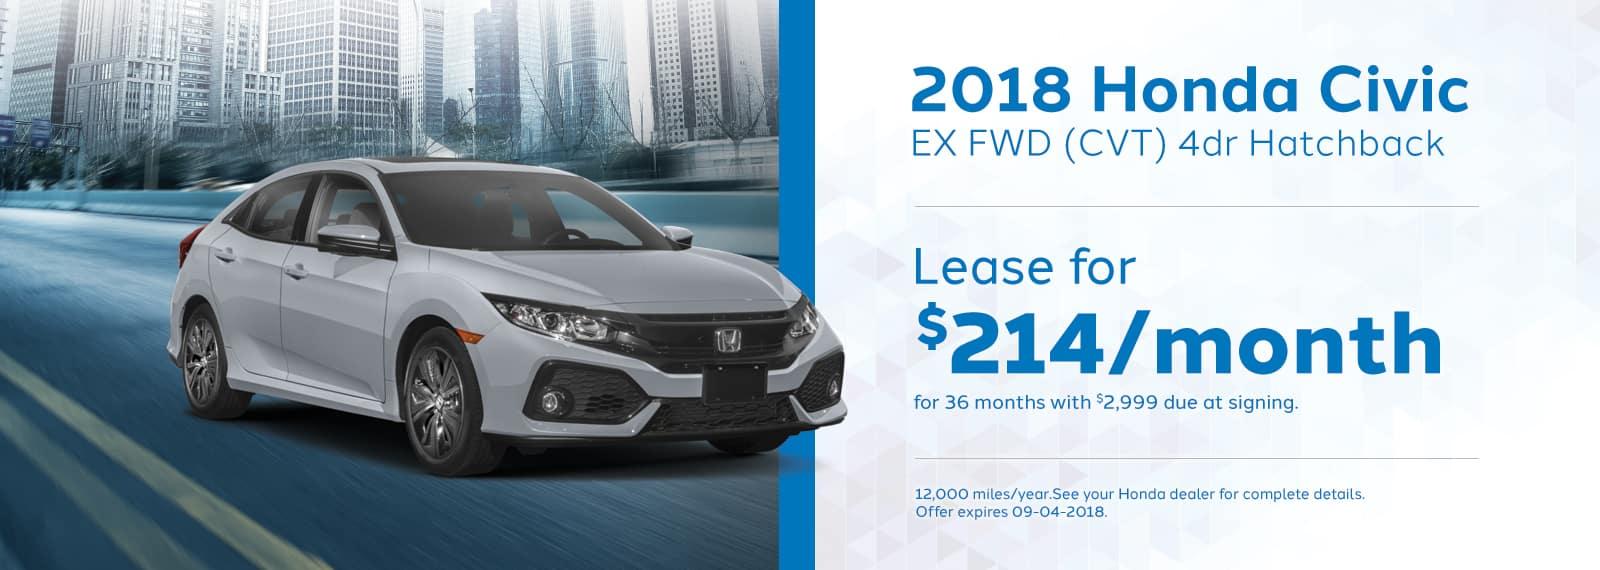 Civic Hatchback Offer Genthe Honda